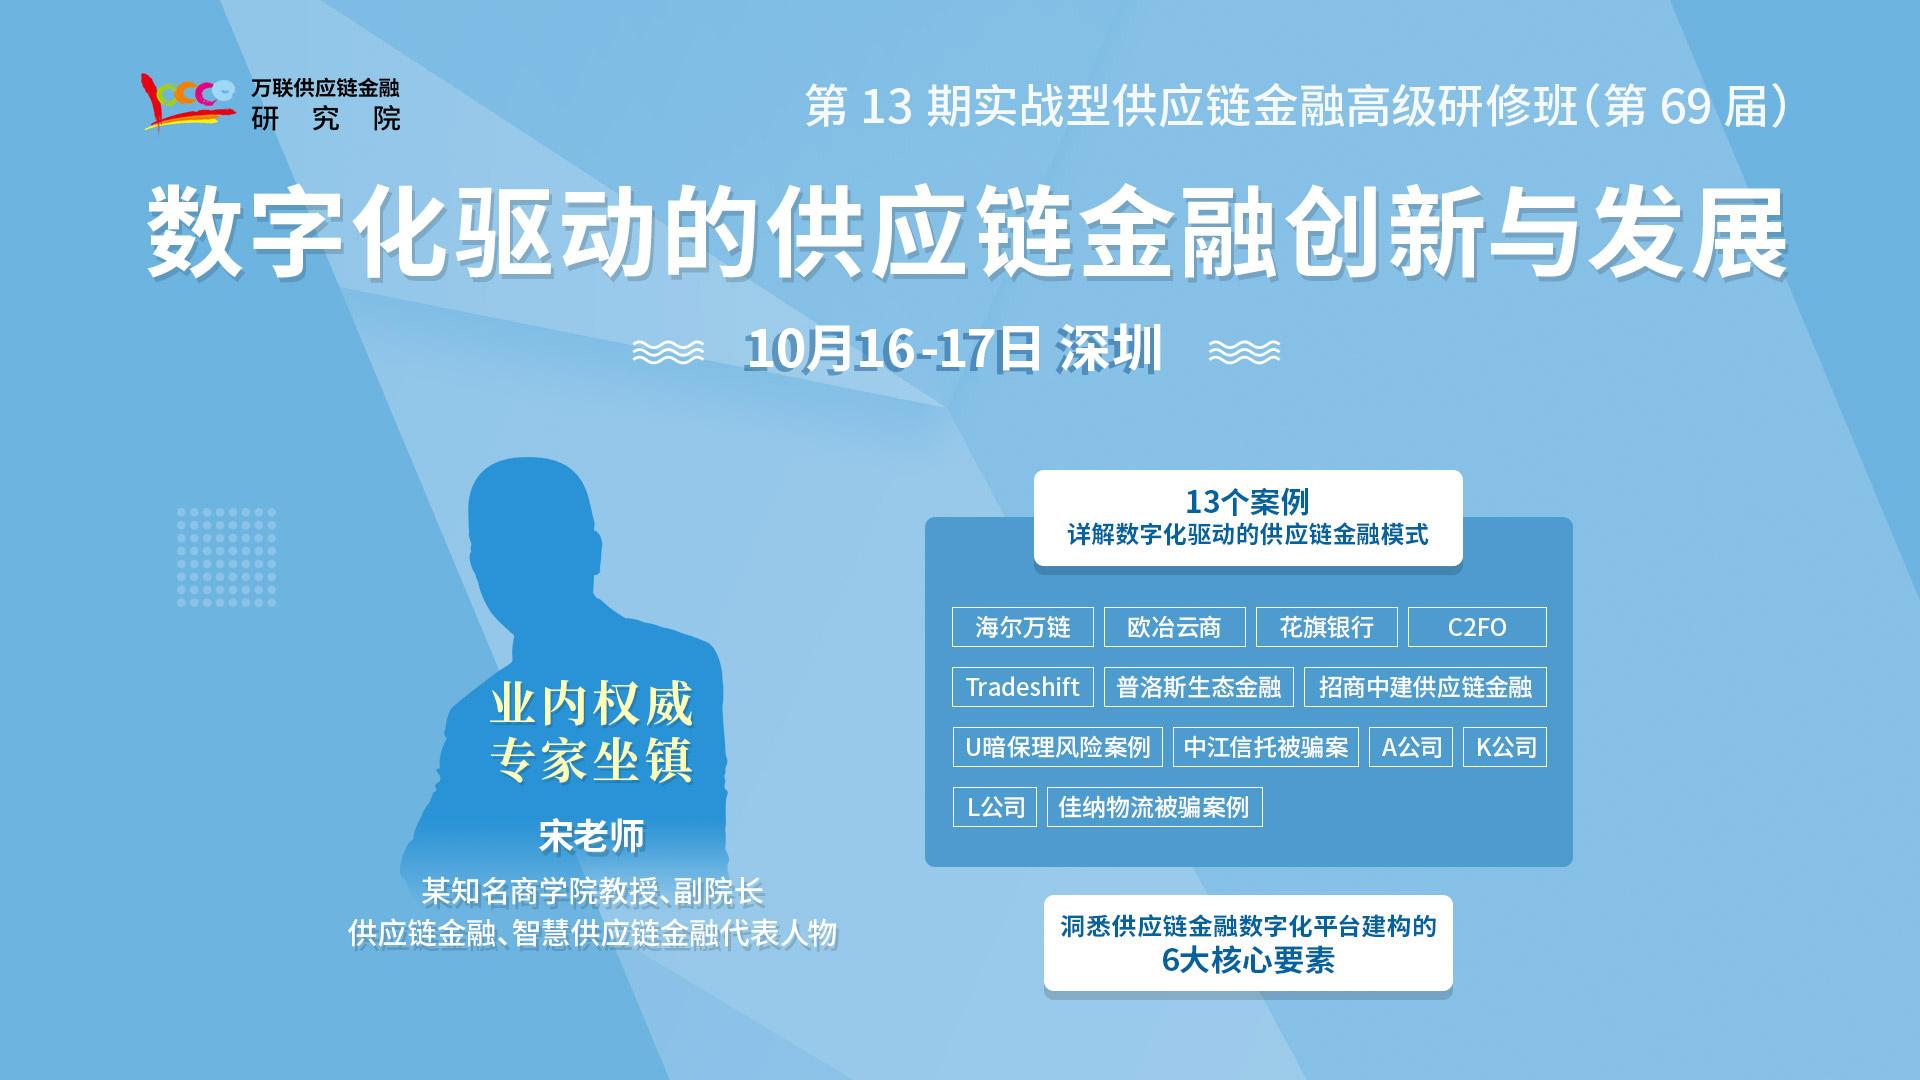 【深圳 10月課程】數字化驅動的供應鏈金融創新與發展